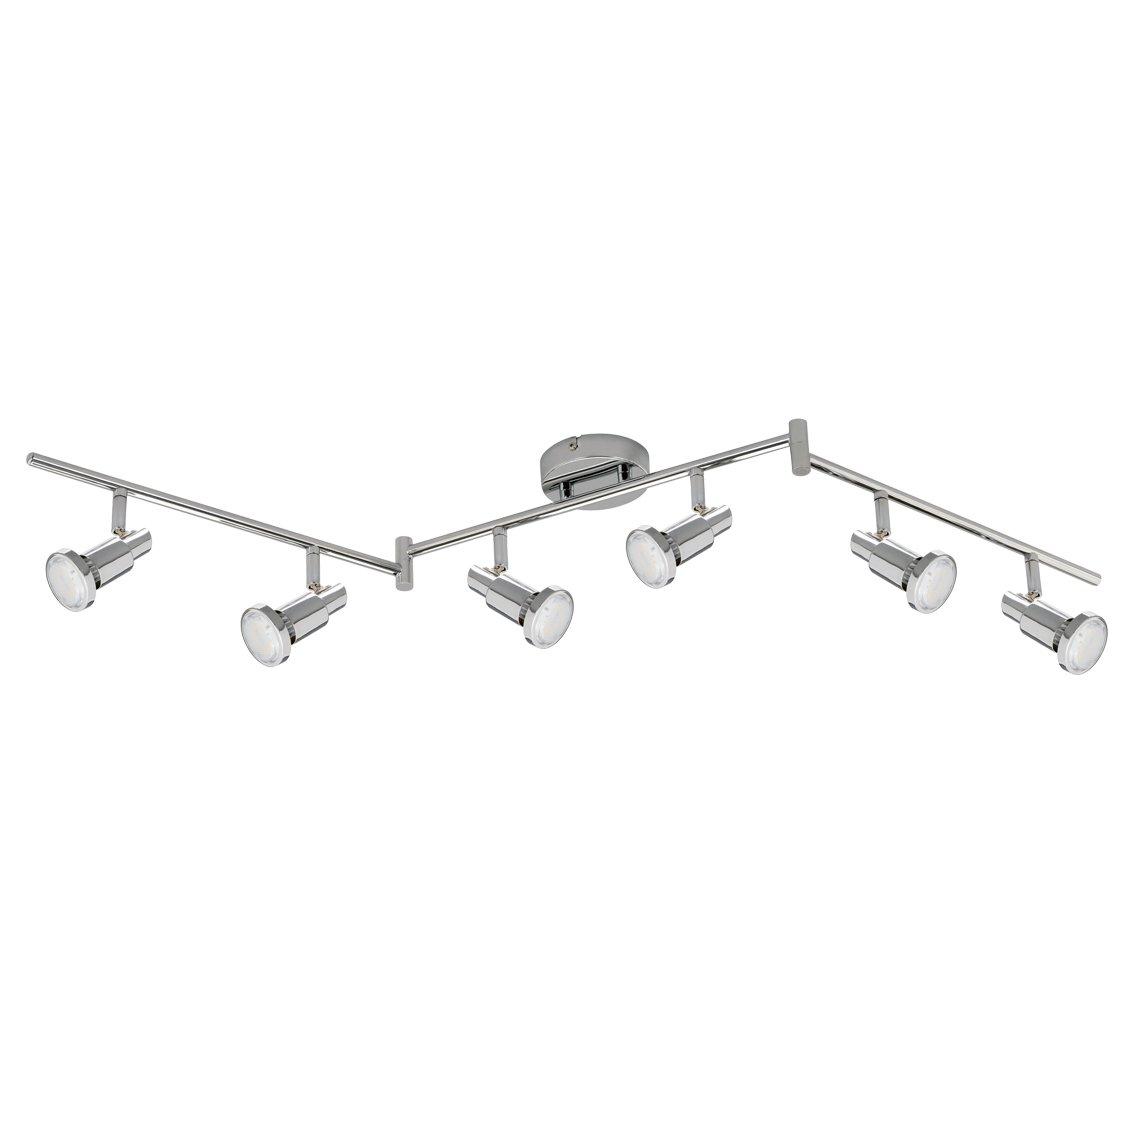 Trango 6-flamme Plafonnier à LED réglable TG2991-068SD 6 ampoules GU10 LED à gradation variable, 3 ampoules 3000K blanc chaud, y compris 6 ampoules Spots, lampe de salon